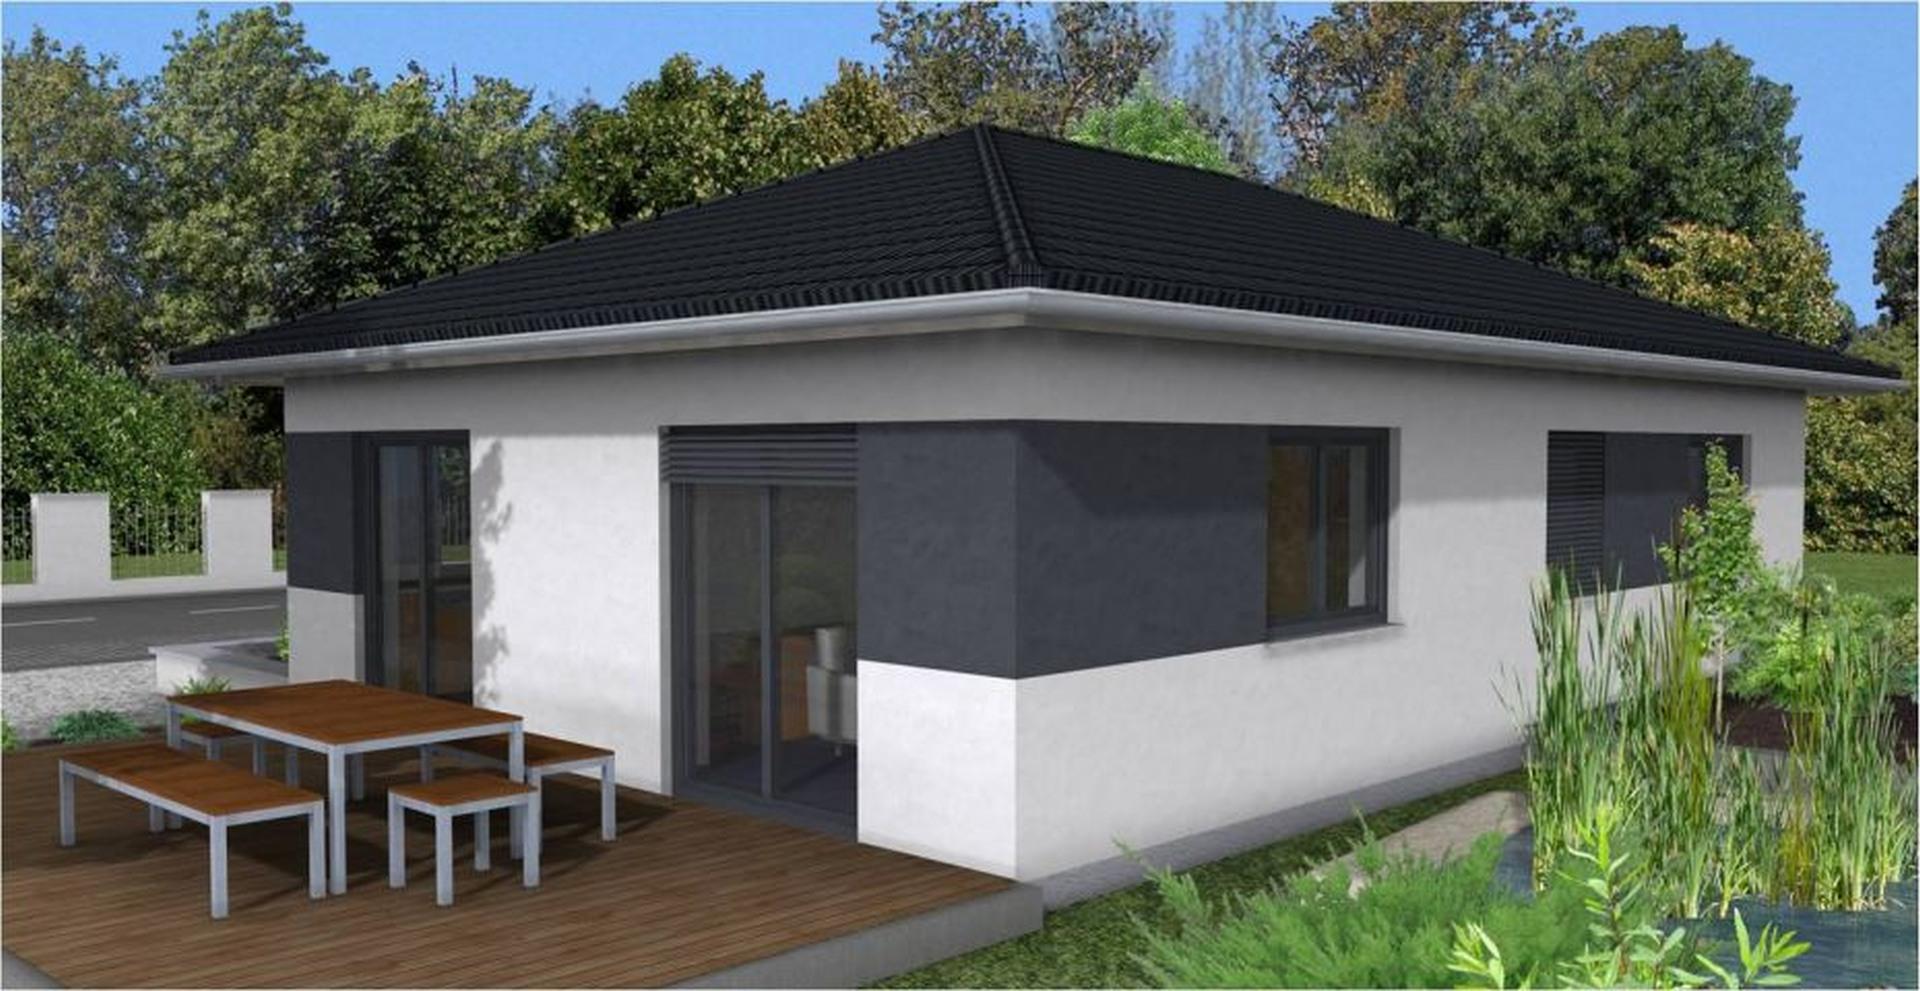 bungalow k 125 moderner kompaktbungalow. Black Bedroom Furniture Sets. Home Design Ideas